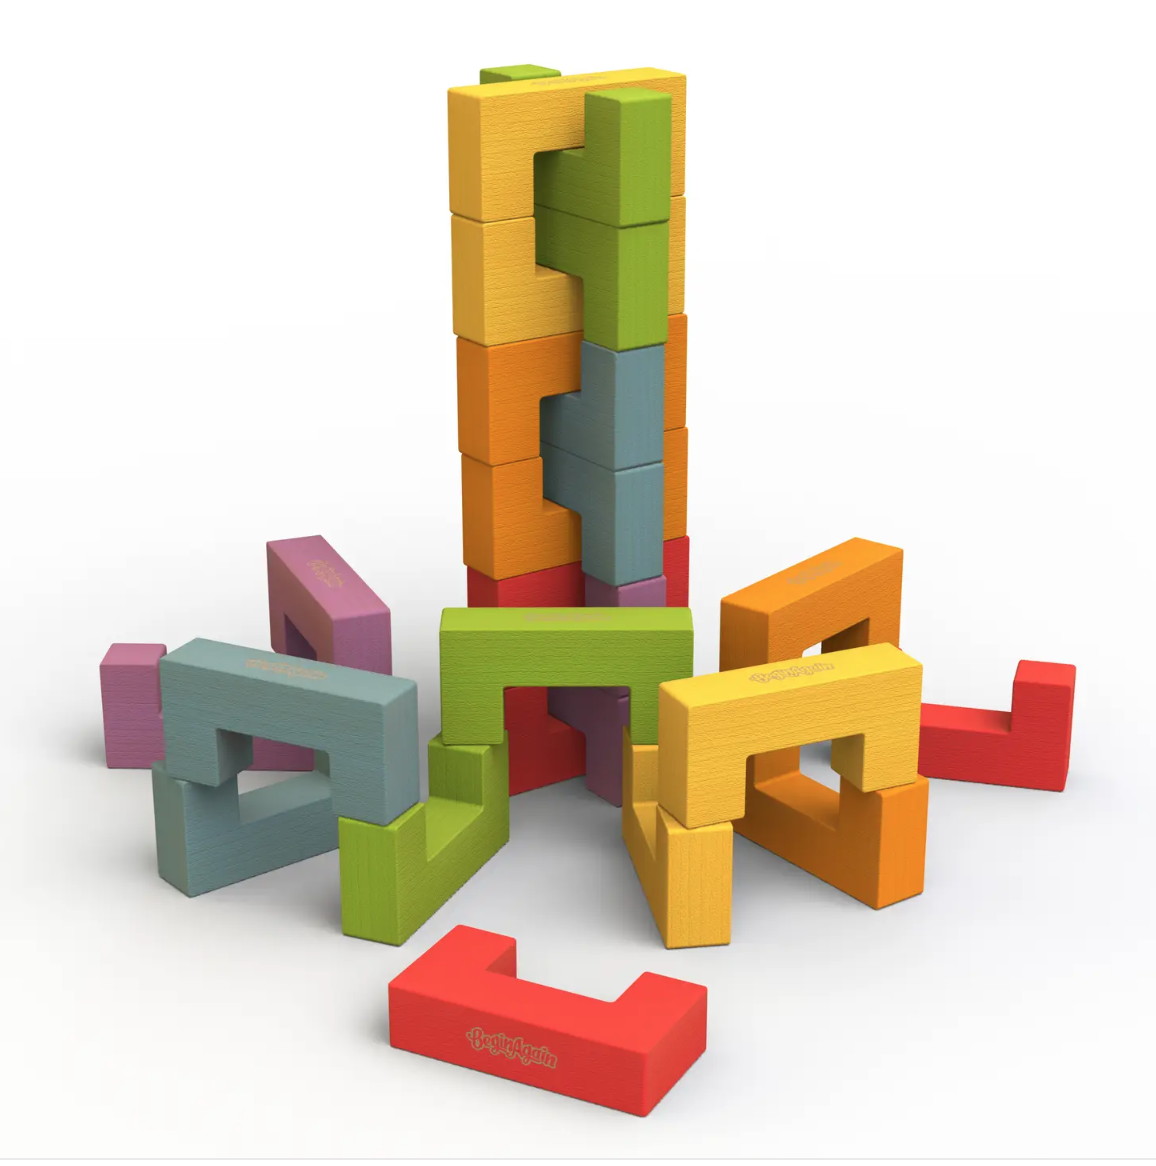 U Build It Blocks